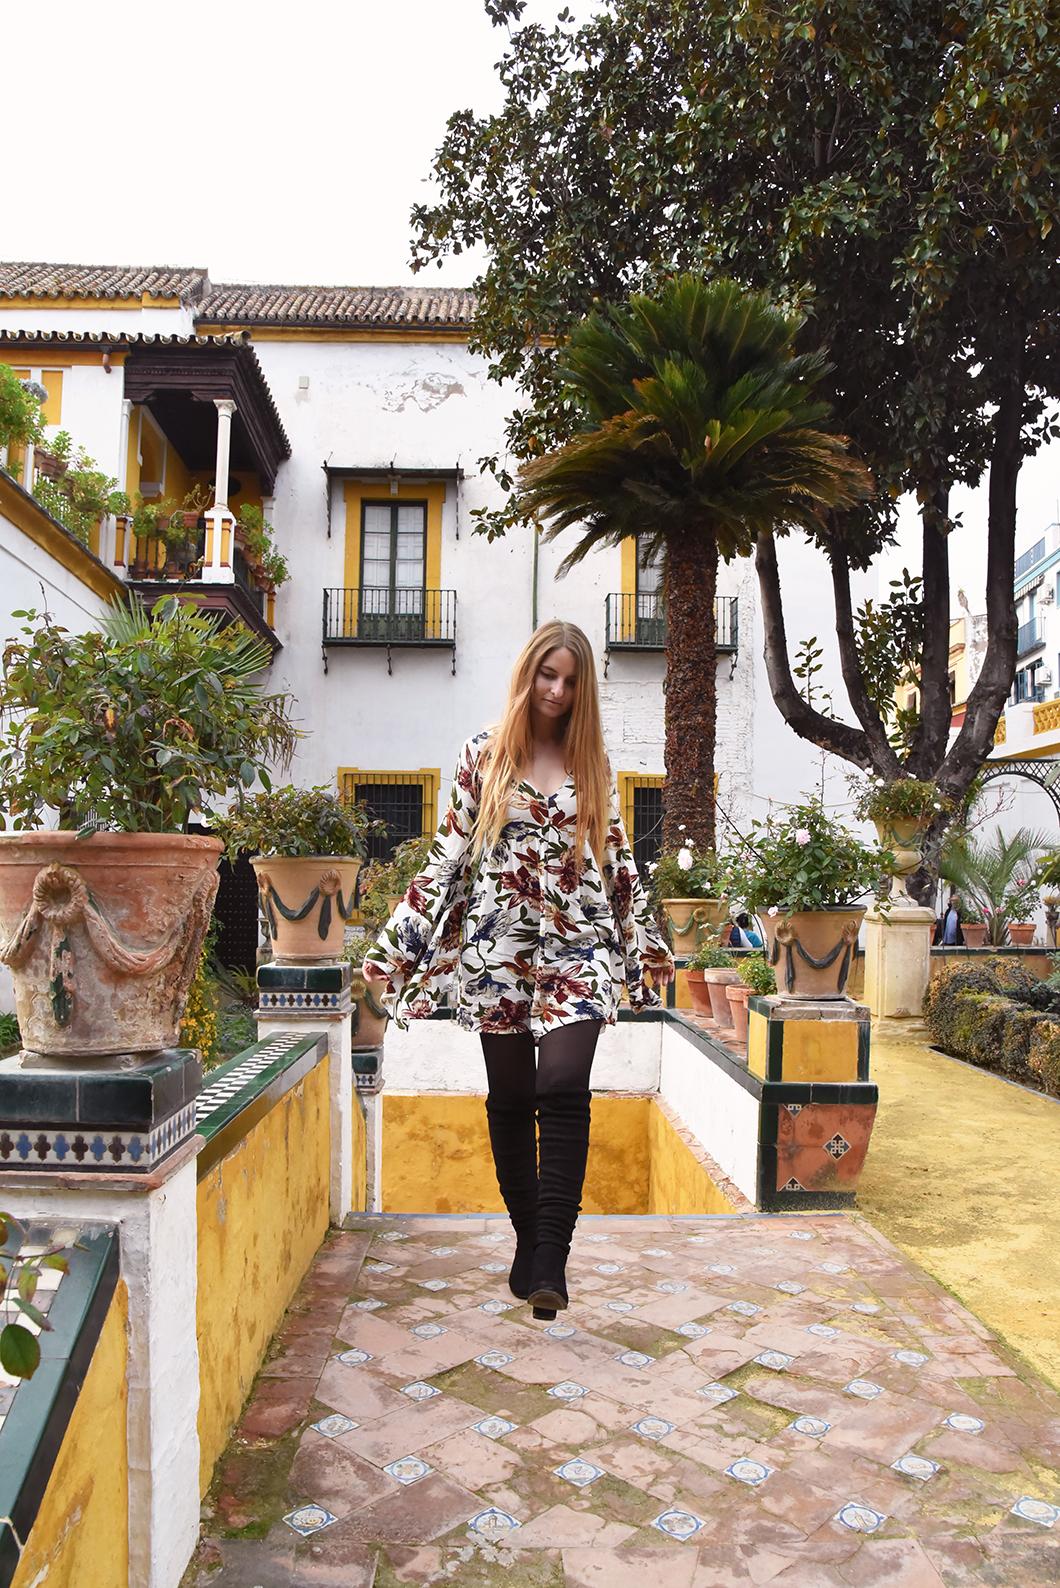 Casa de Pilatos - Visites incontournables à Séville